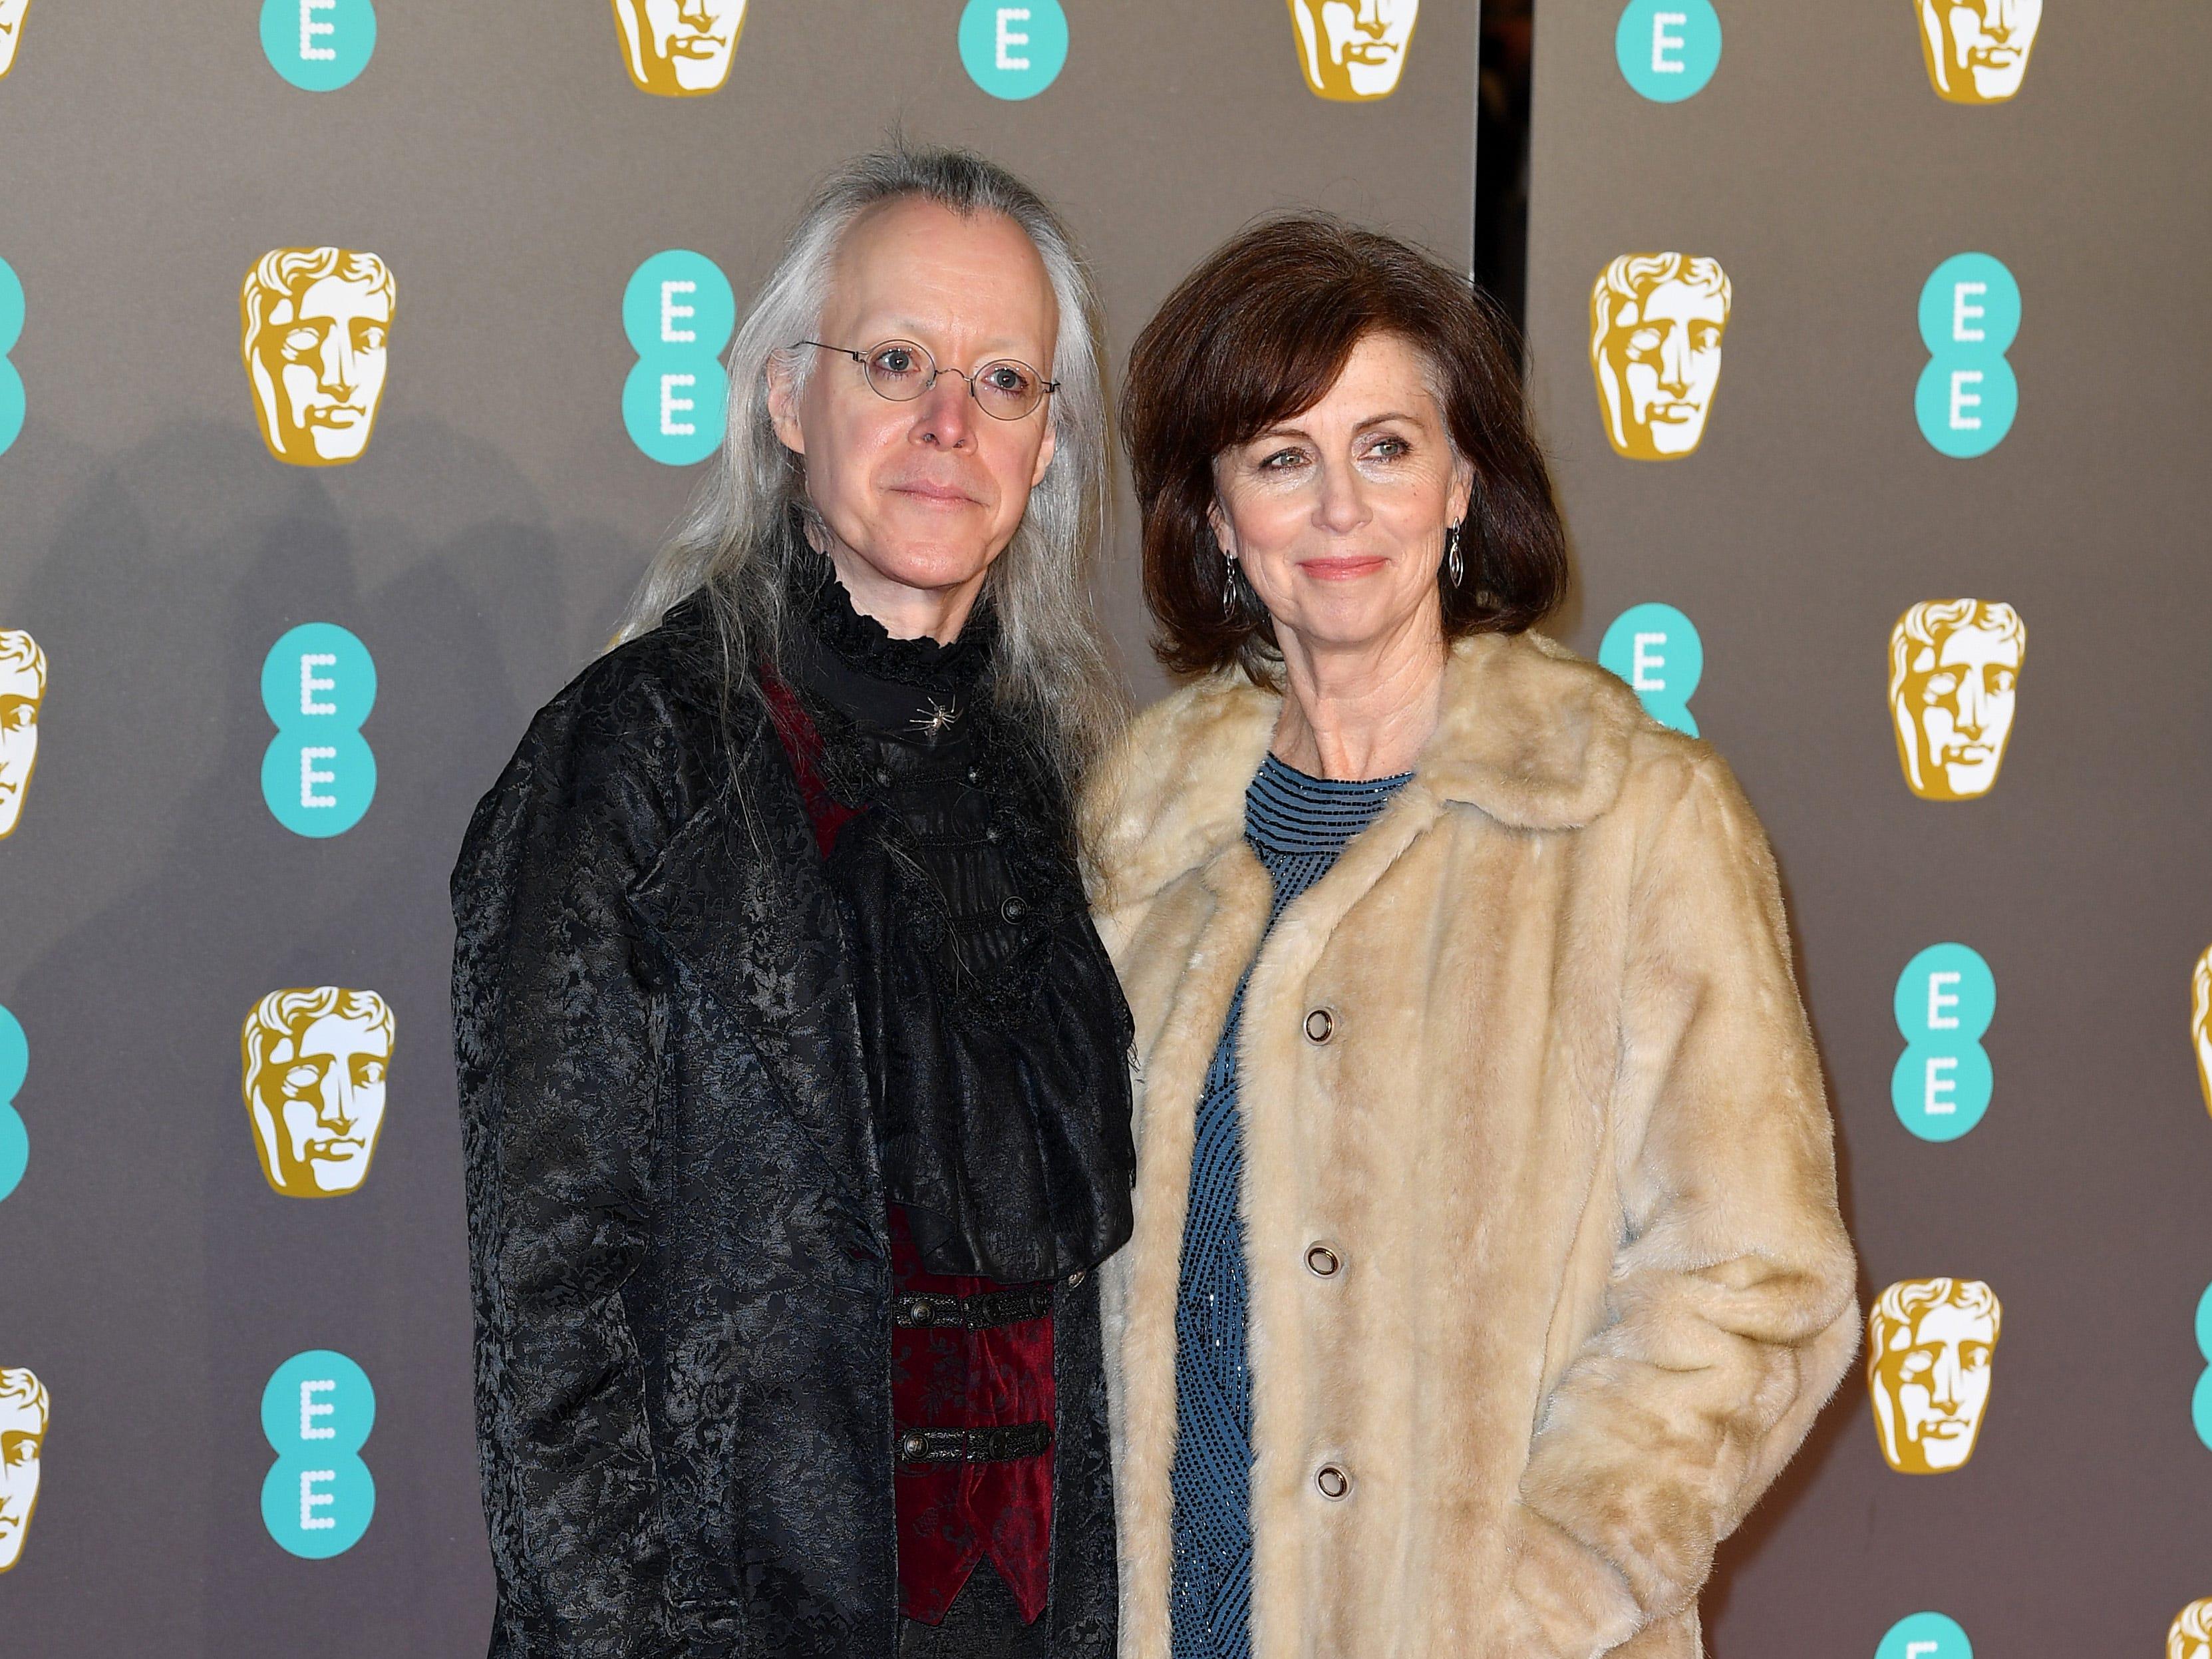 Nicole Paradis Grindle y su acompañante a su llegada a la alfombra roja de los Premios de la Academia Británica de Cine BAFTA en el Royal Albert Hall en Londres el 10 de febrero de 2019.